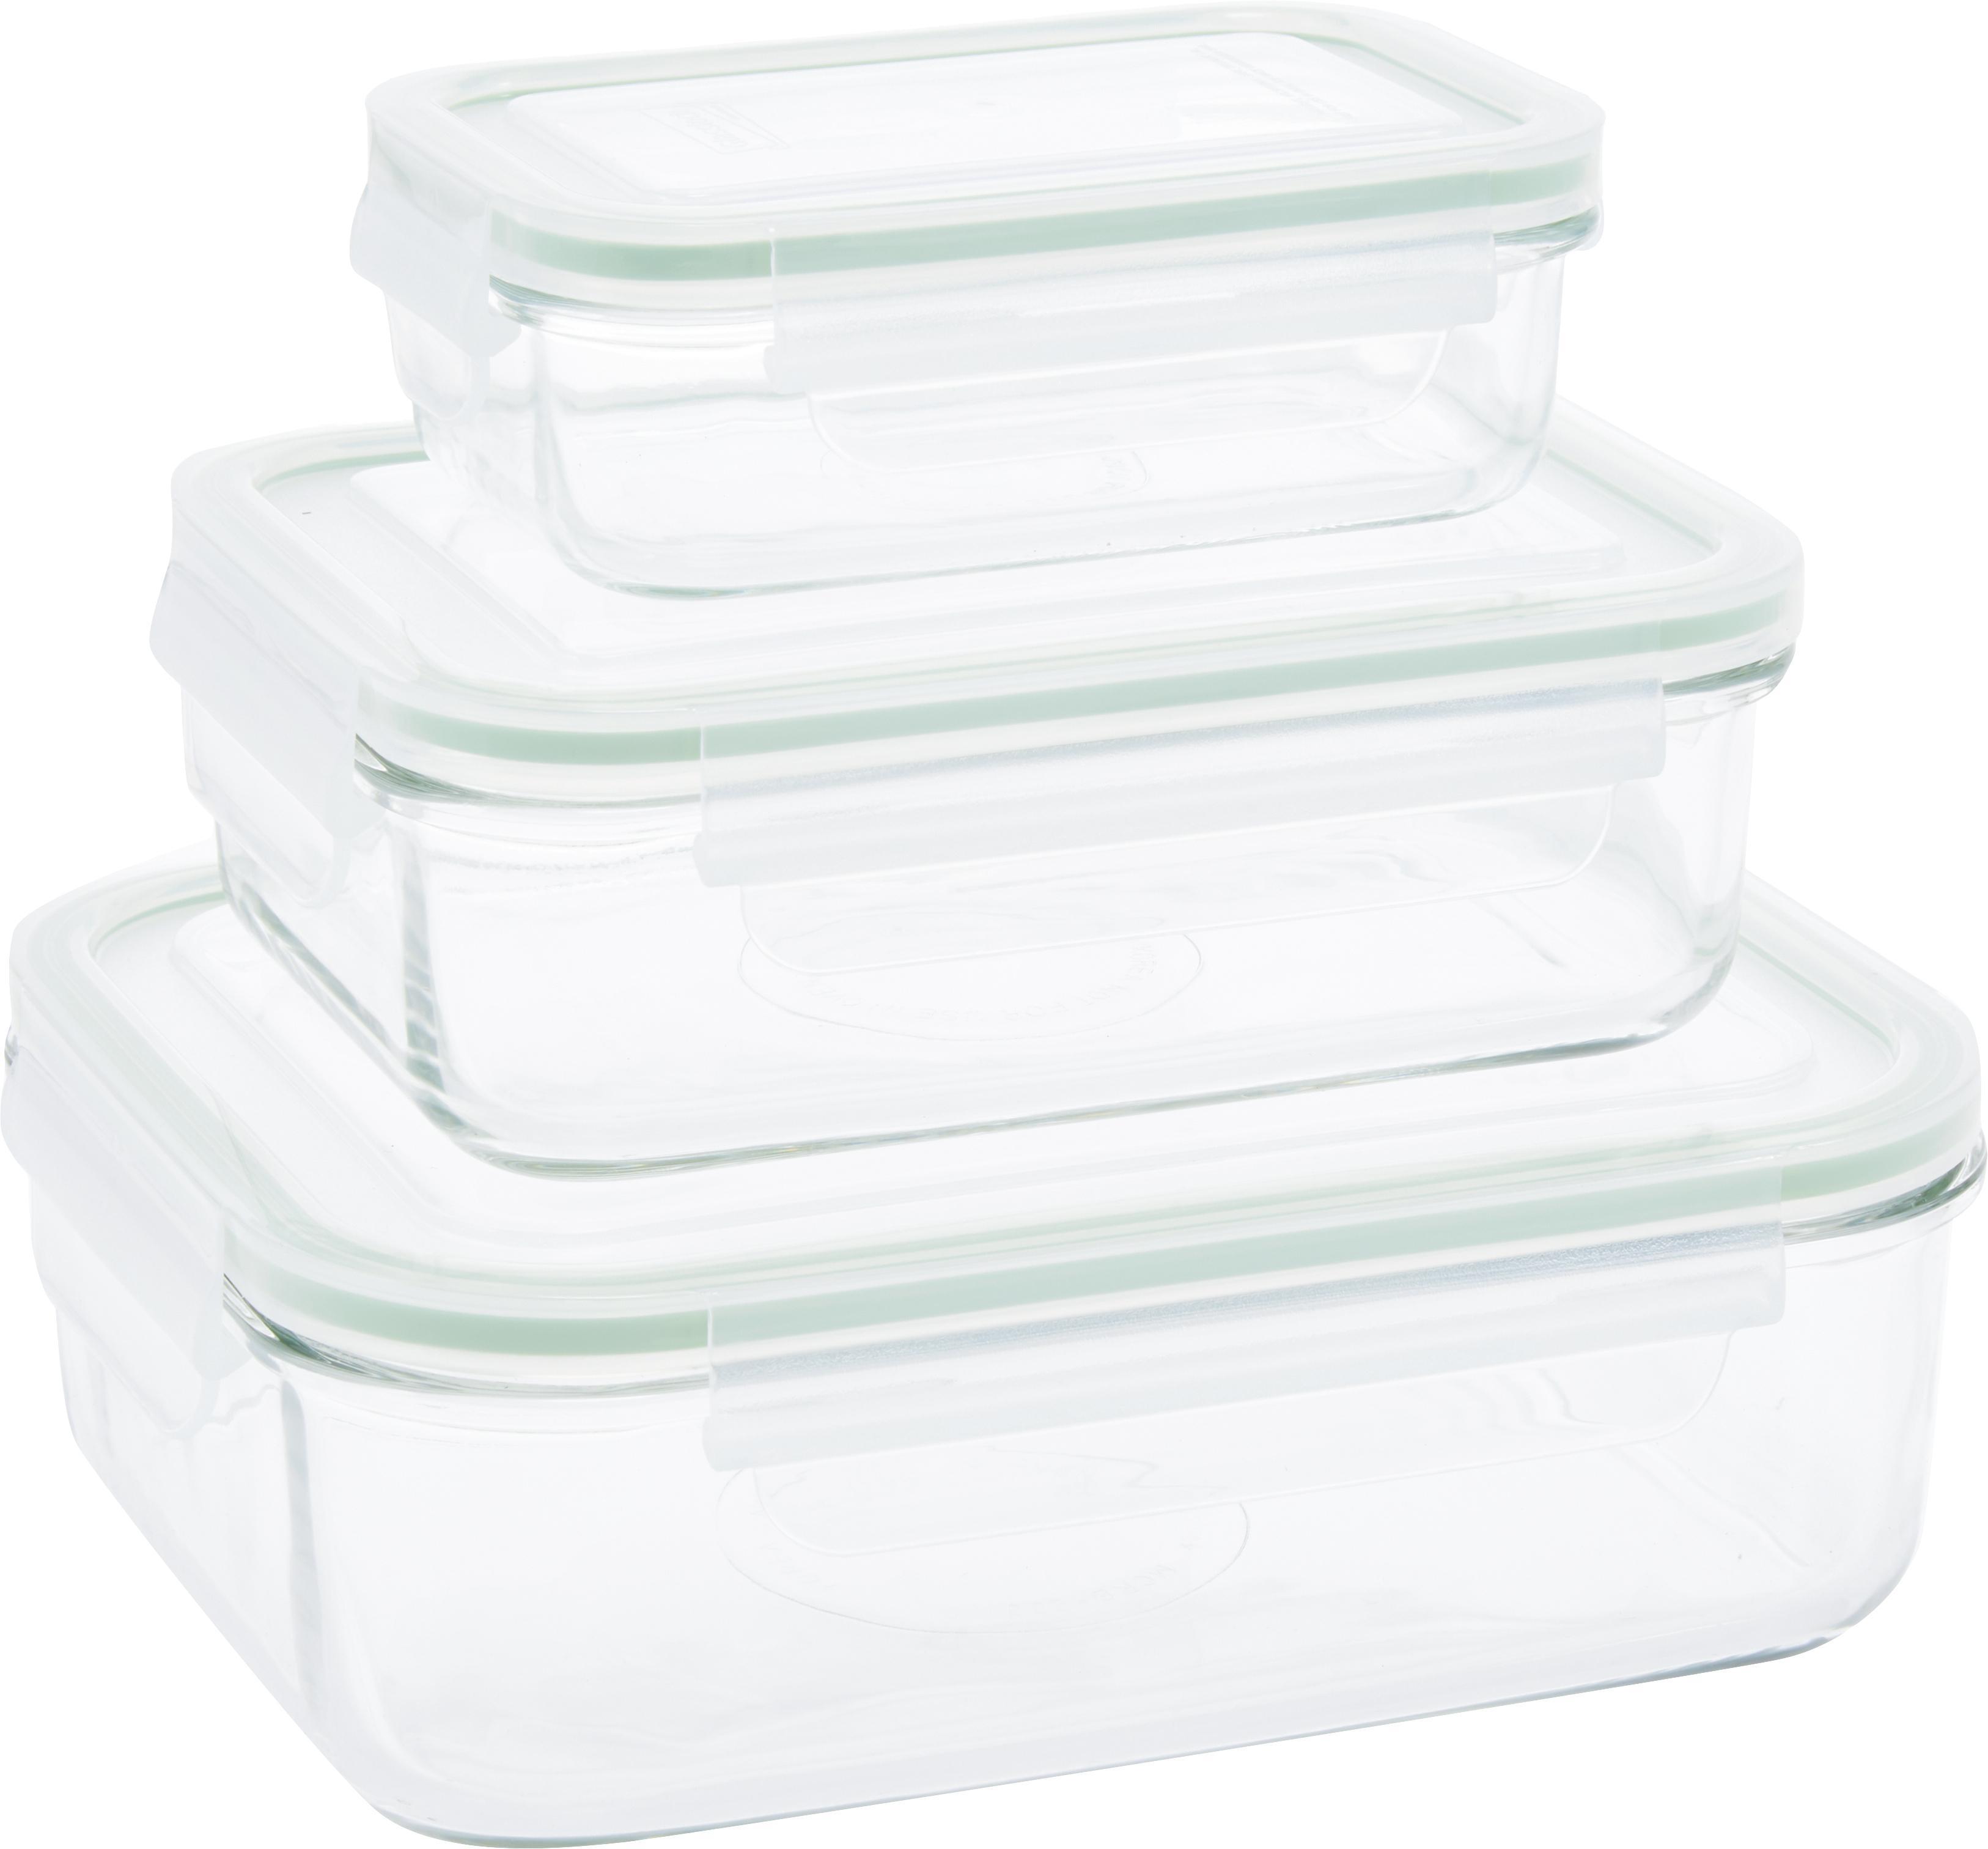 Frischhalteboxen-Set Alma, 3-tlg., Behälter: Gehärtetes Glas, schadsto, Verschluss: Polypropylen, Dichtung: Silikon, Transparent, Hellgrün, Sondergrößen